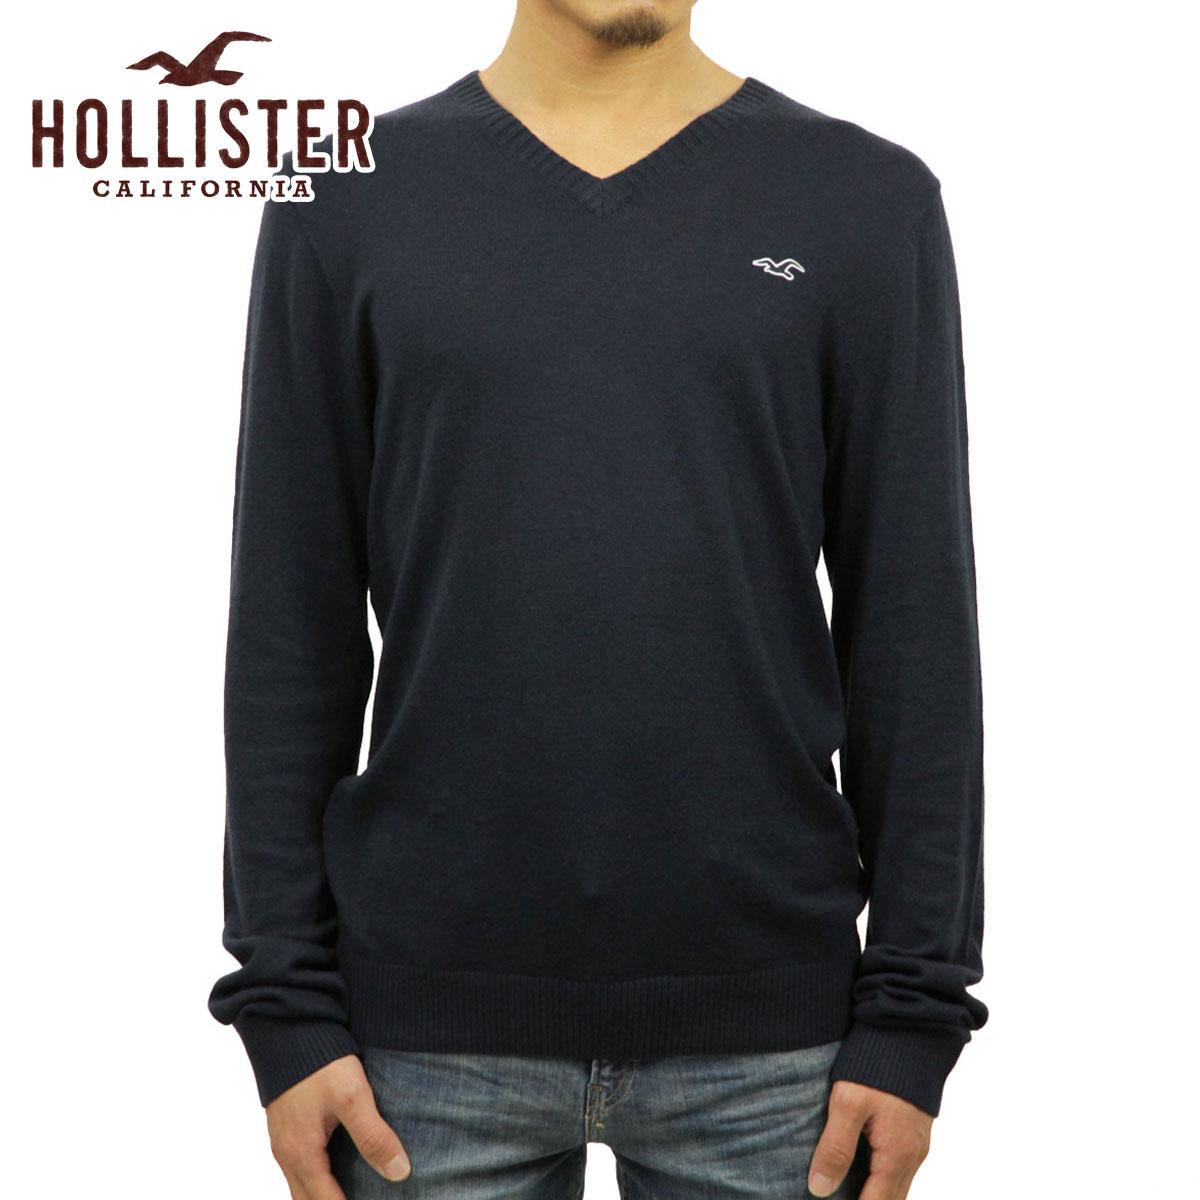 霍利斯特霍利斯特 AE 男式毛衣亨廷顿海滩 V 颈部毛衣 320-201-0178年-023 P19May15